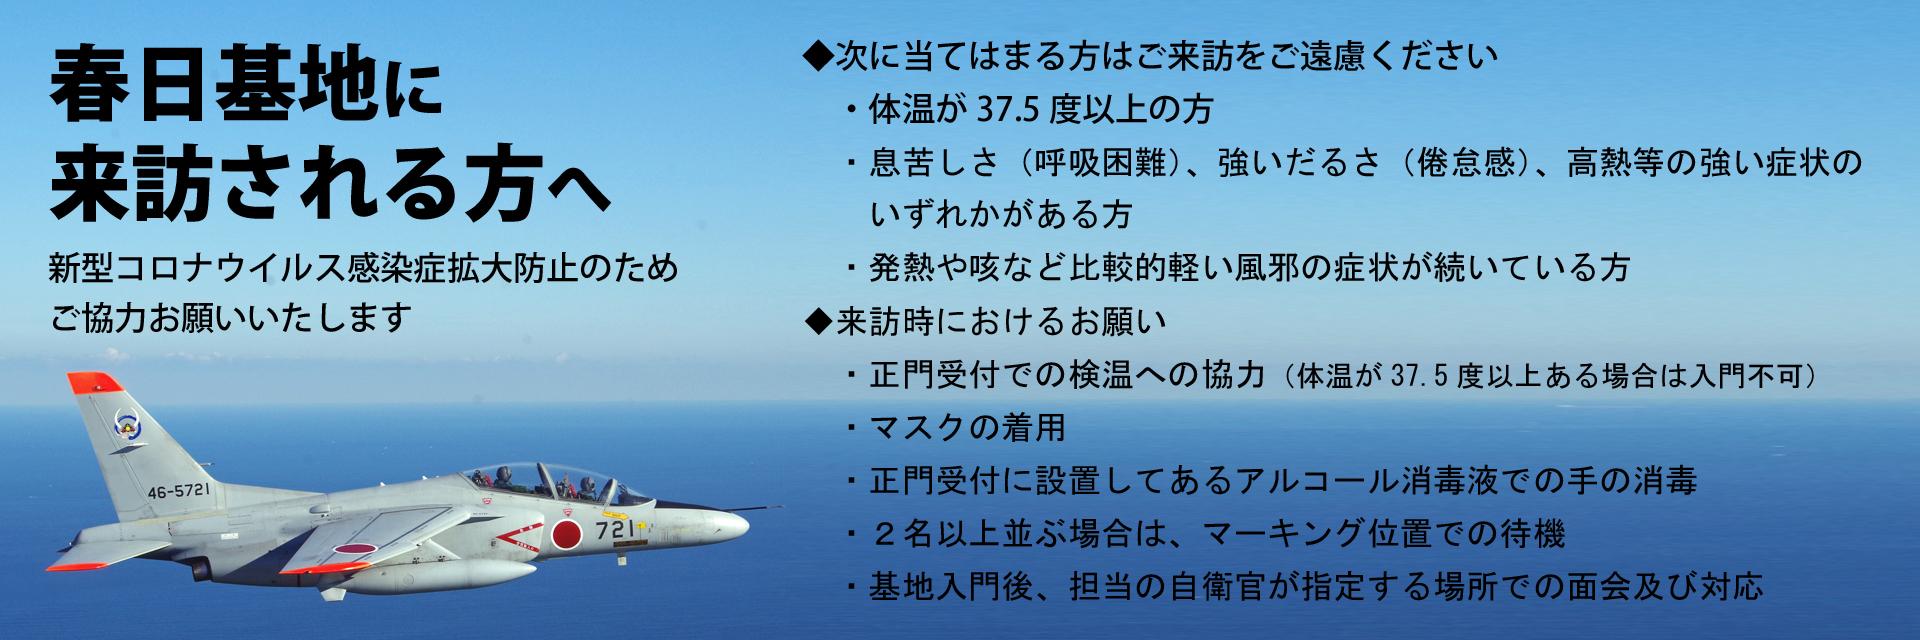 管理 航空 自衛隊 規則 文書